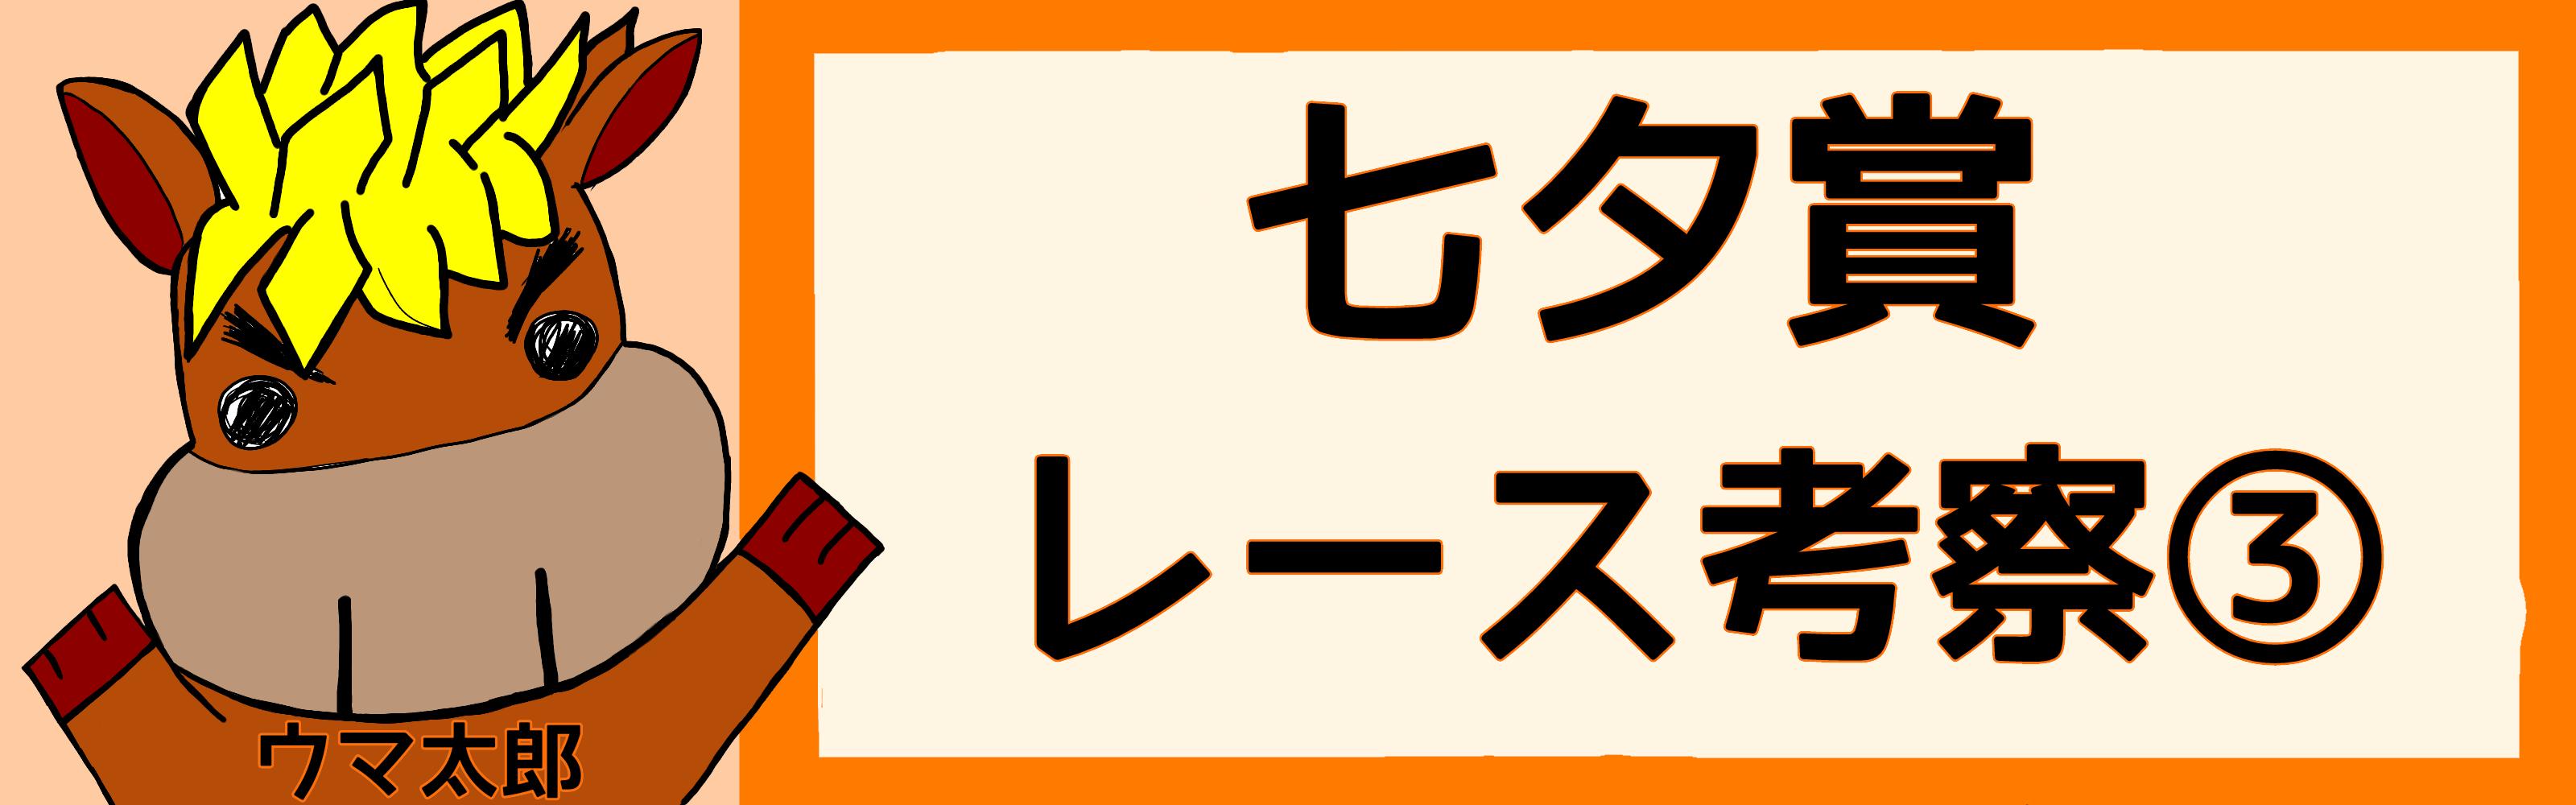 七夕賞賞 レース考察③